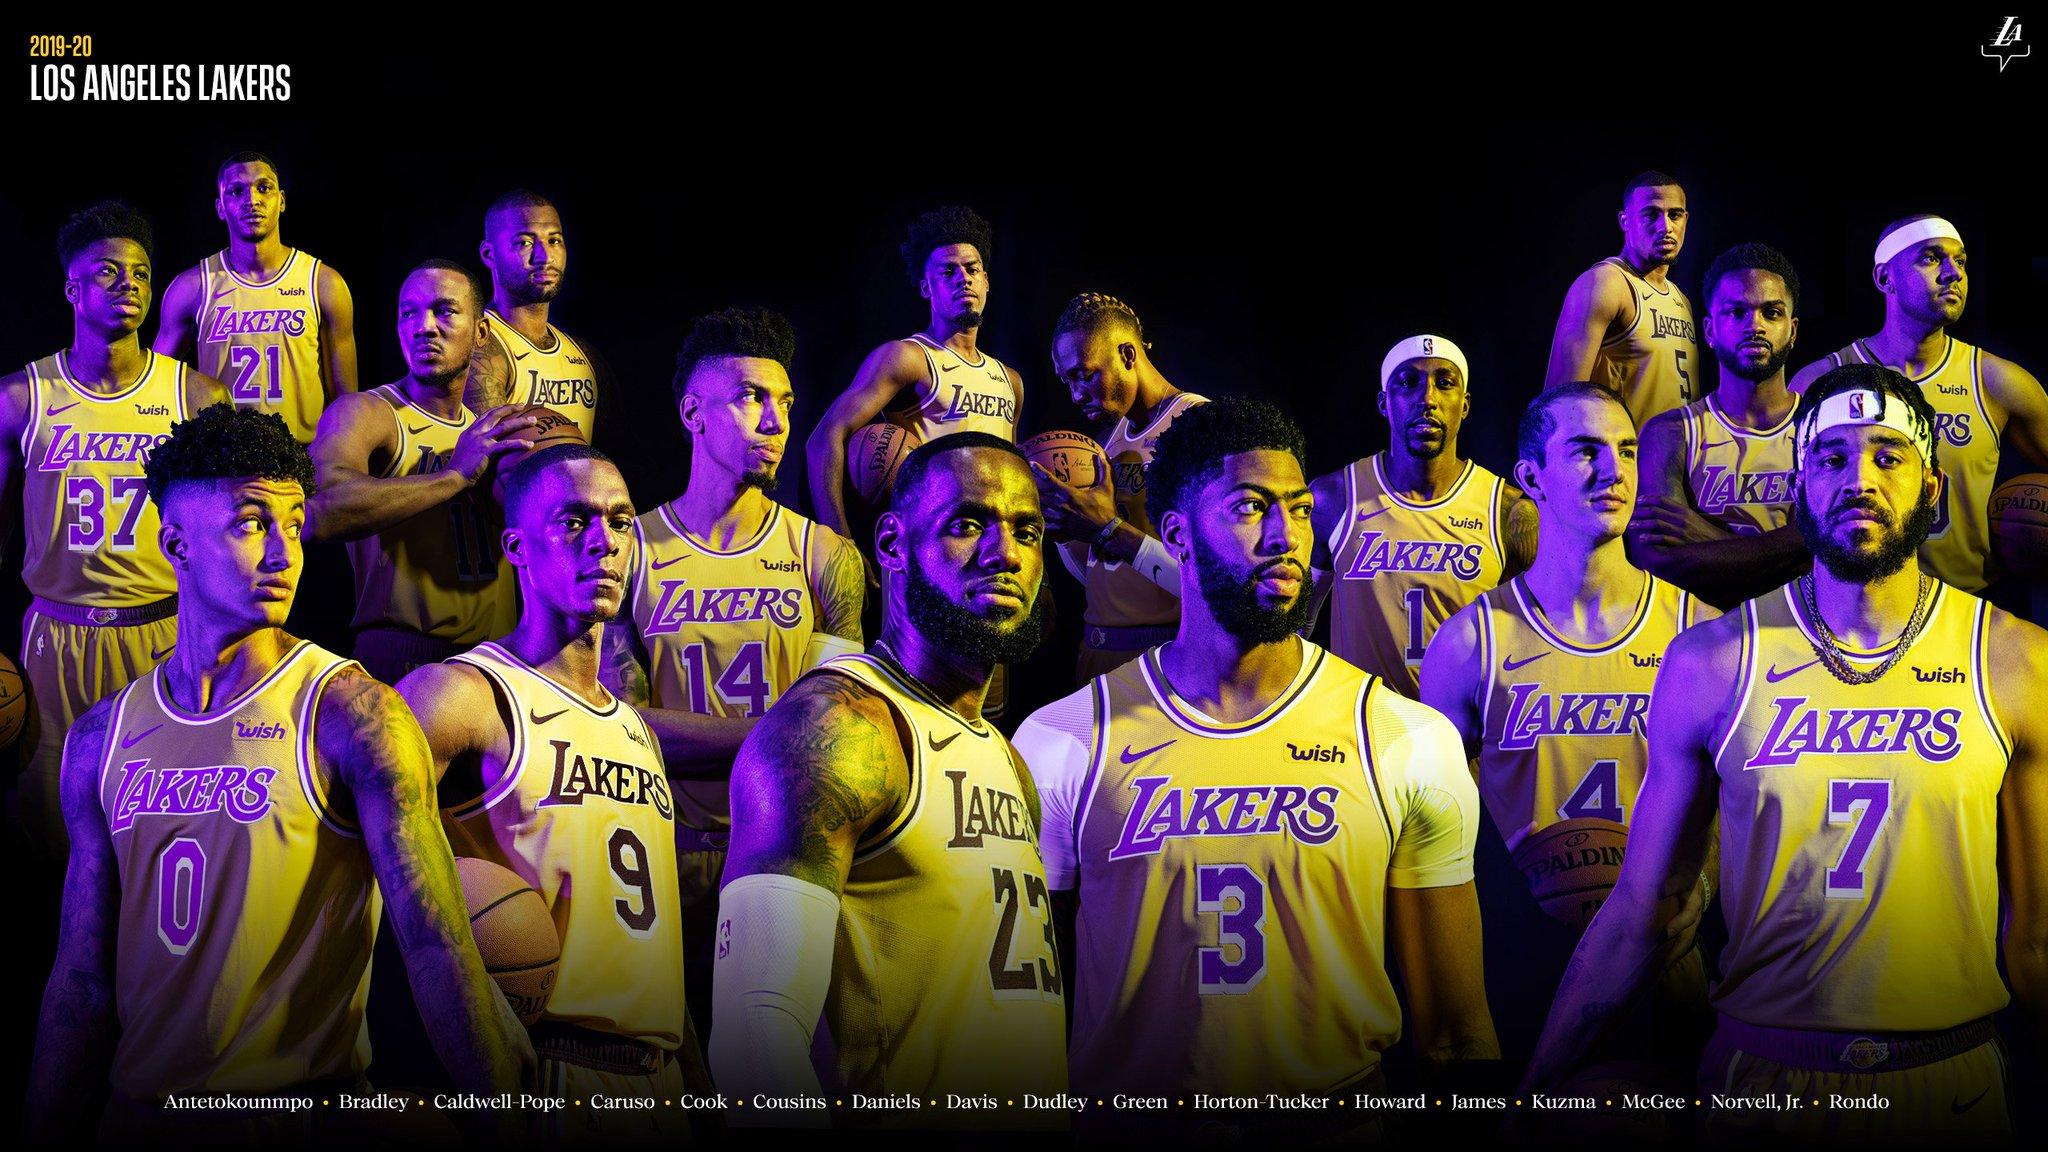 [56+] Lakers 2020 Wallpapers on WallpaperSafari